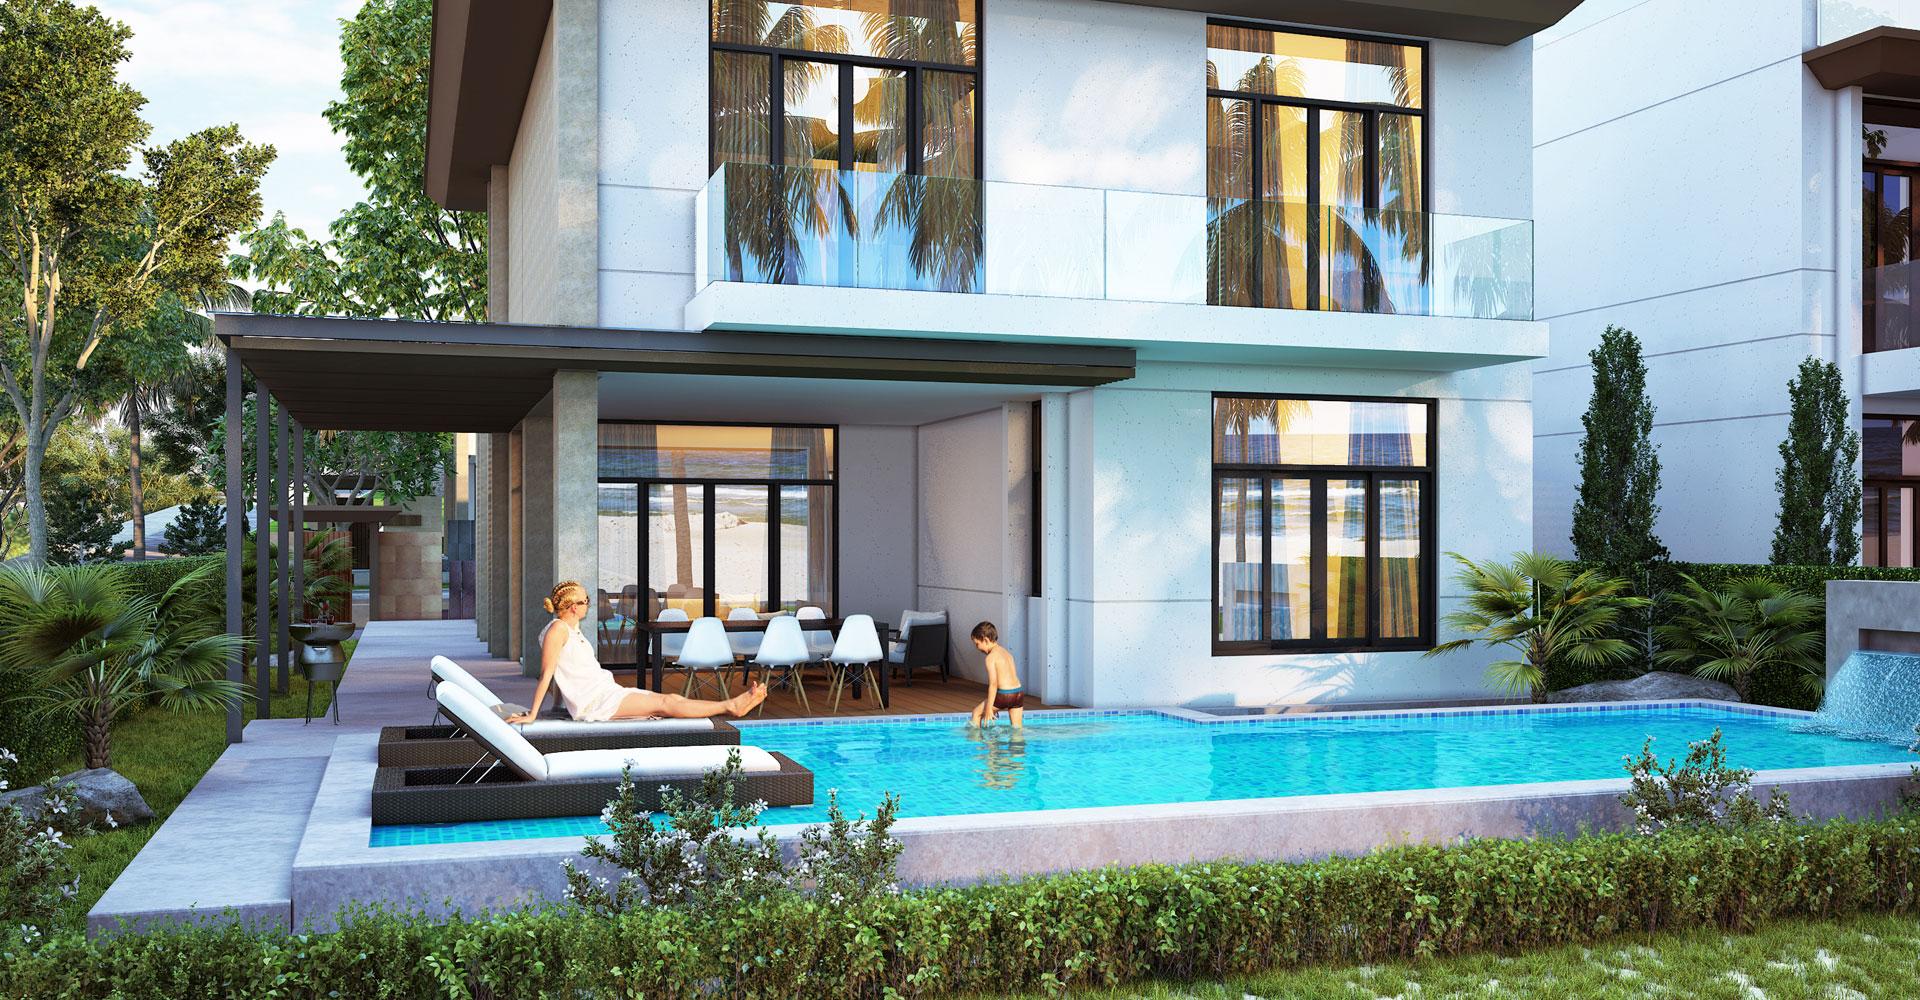 Mỗi biệt thự Cam Ranh Mystery đều có hồ bơi trong nhà